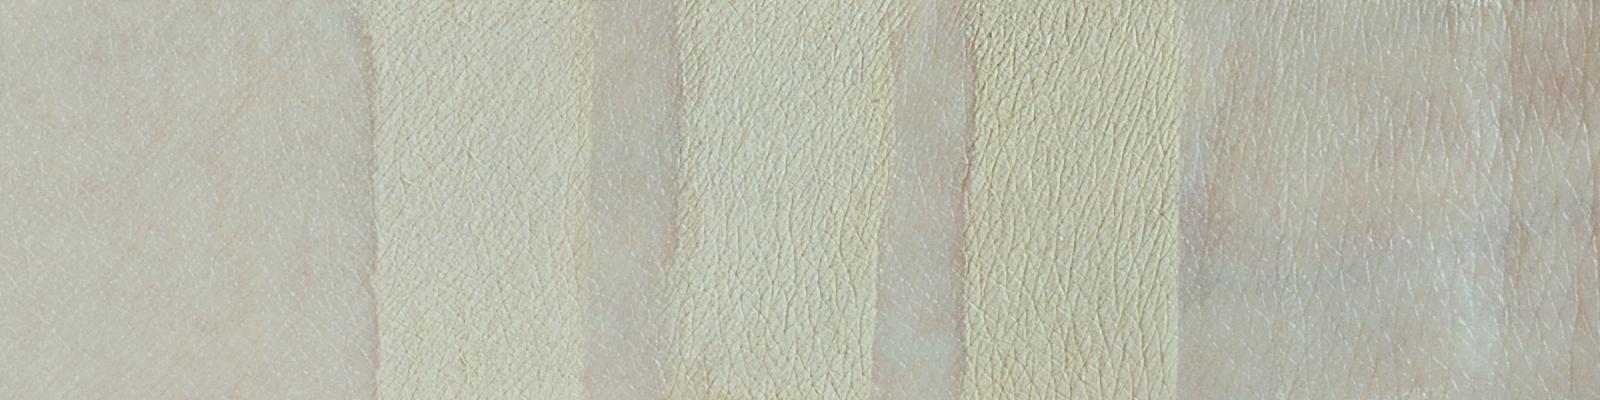 amilie mineral cosmetics satin podkład mineralny rozświetlający podkład mineralny dla suchej skóry cream beige pine nut cardamon